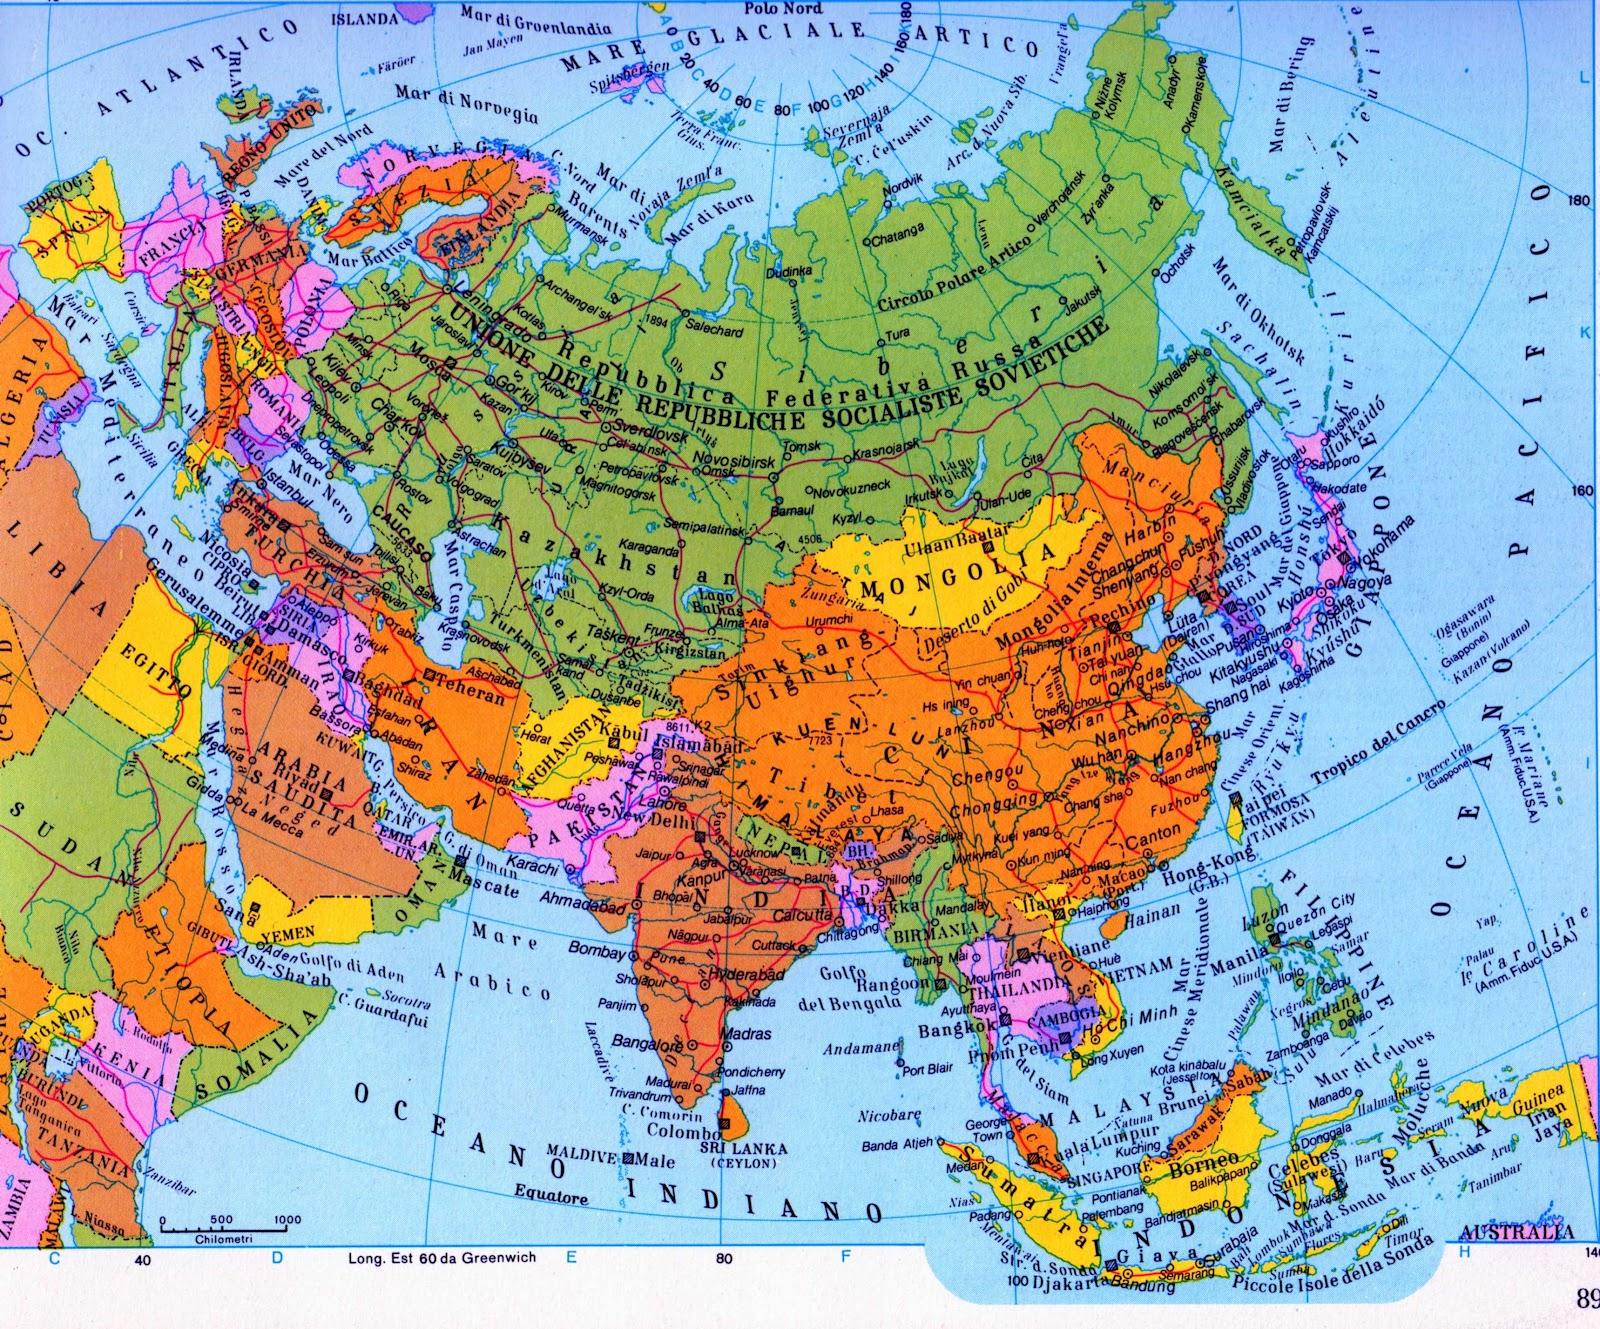 Cartina Urss.Vp Italia Orizzonti Dell Ex Unione Sovietica 06 04 2012